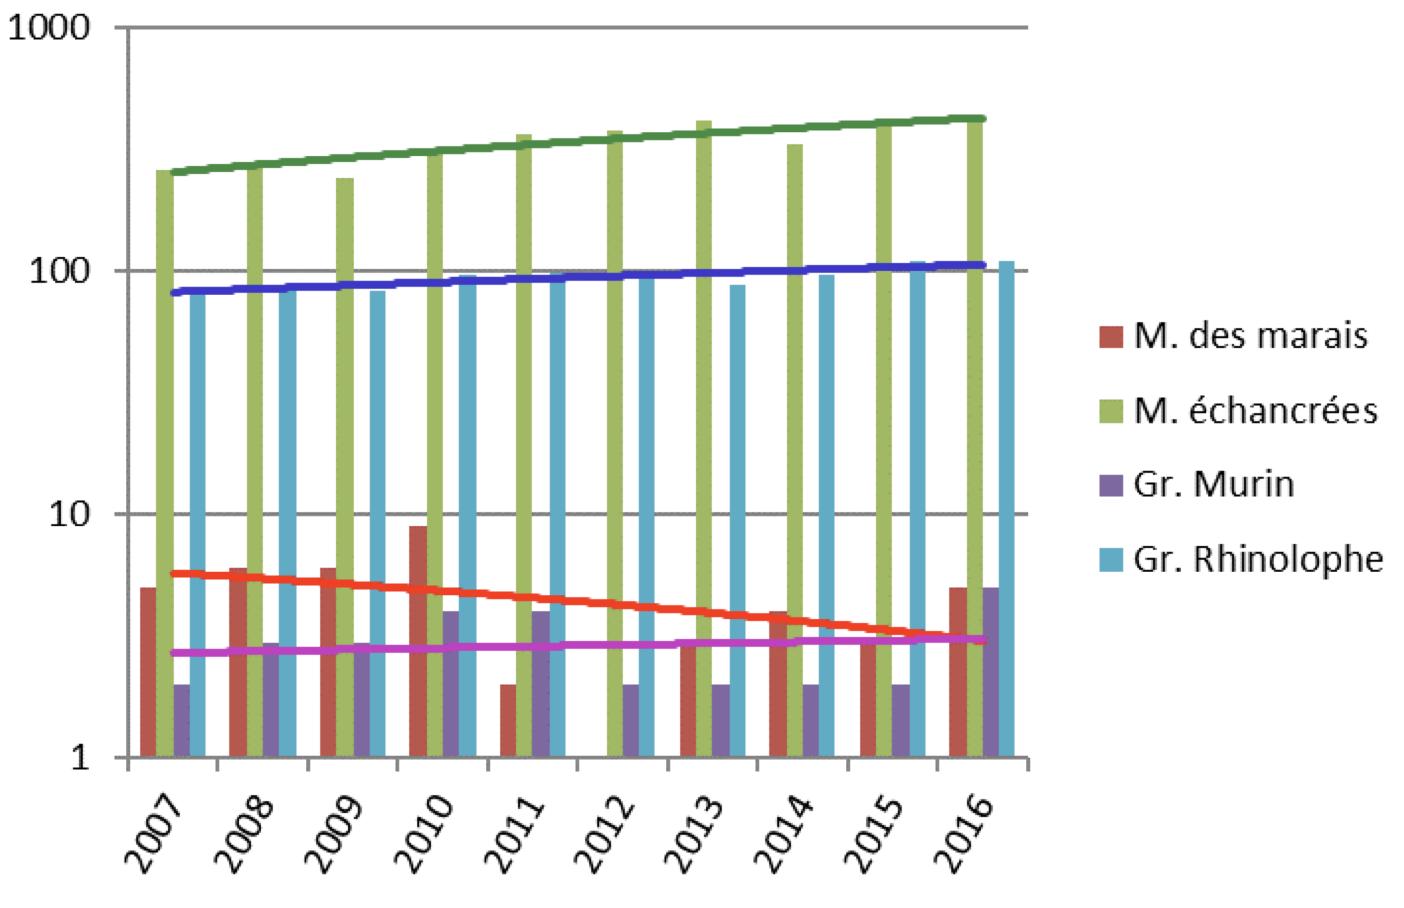 Évolution des effectifs hivernants des 4 espèces patrimoniales des sites témoins, de 2007 à 2016 (Source : CMNF, 2017)